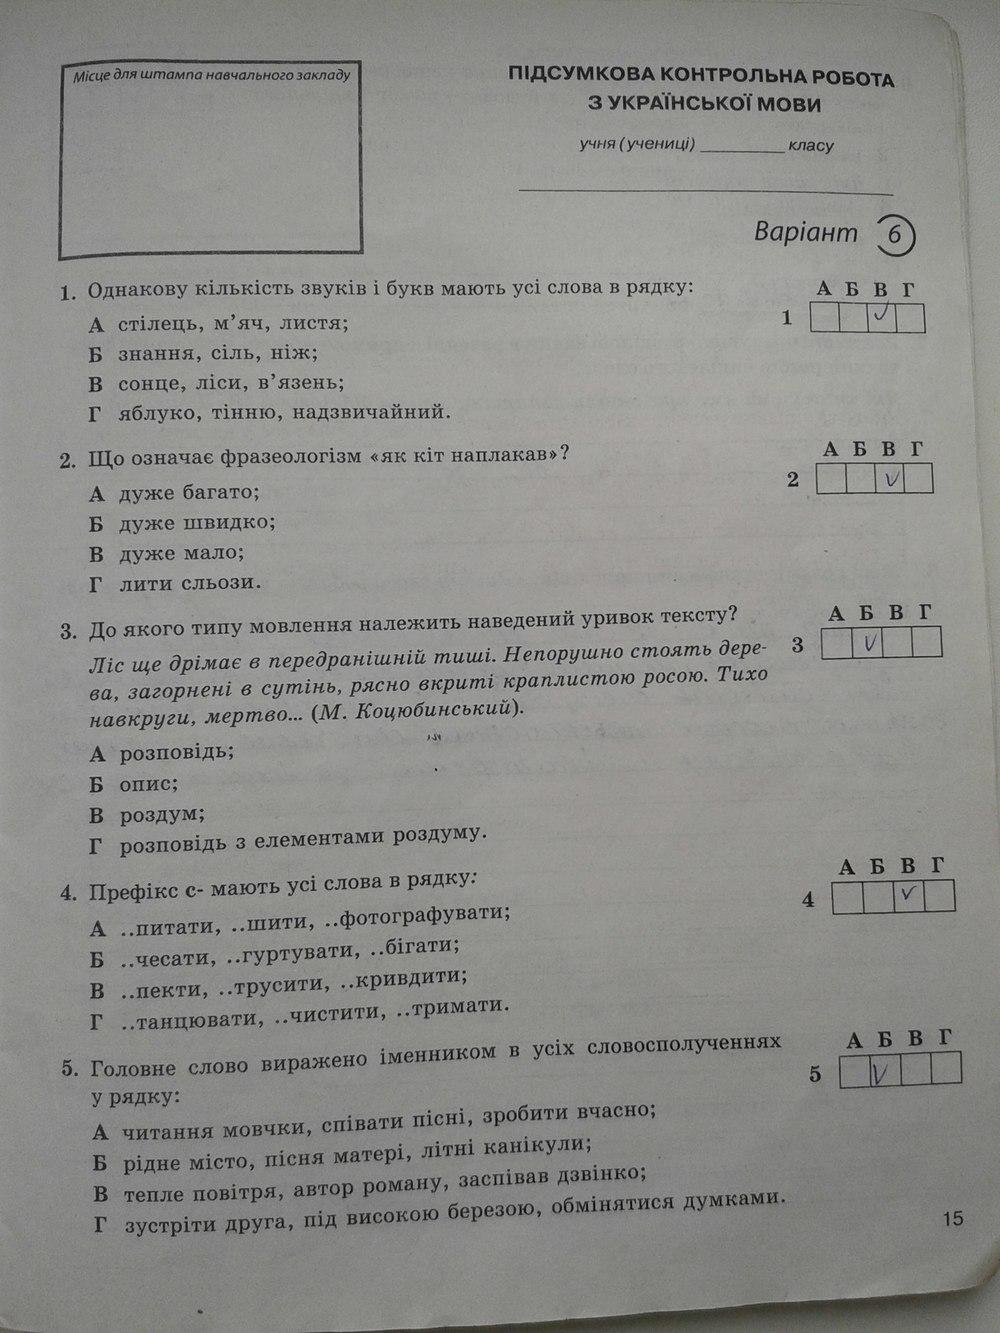 ГДЗ відповіді робочий зошит по рiдна/укр. мова 5 класс С.Р. Молочко. Задание: стр. 15